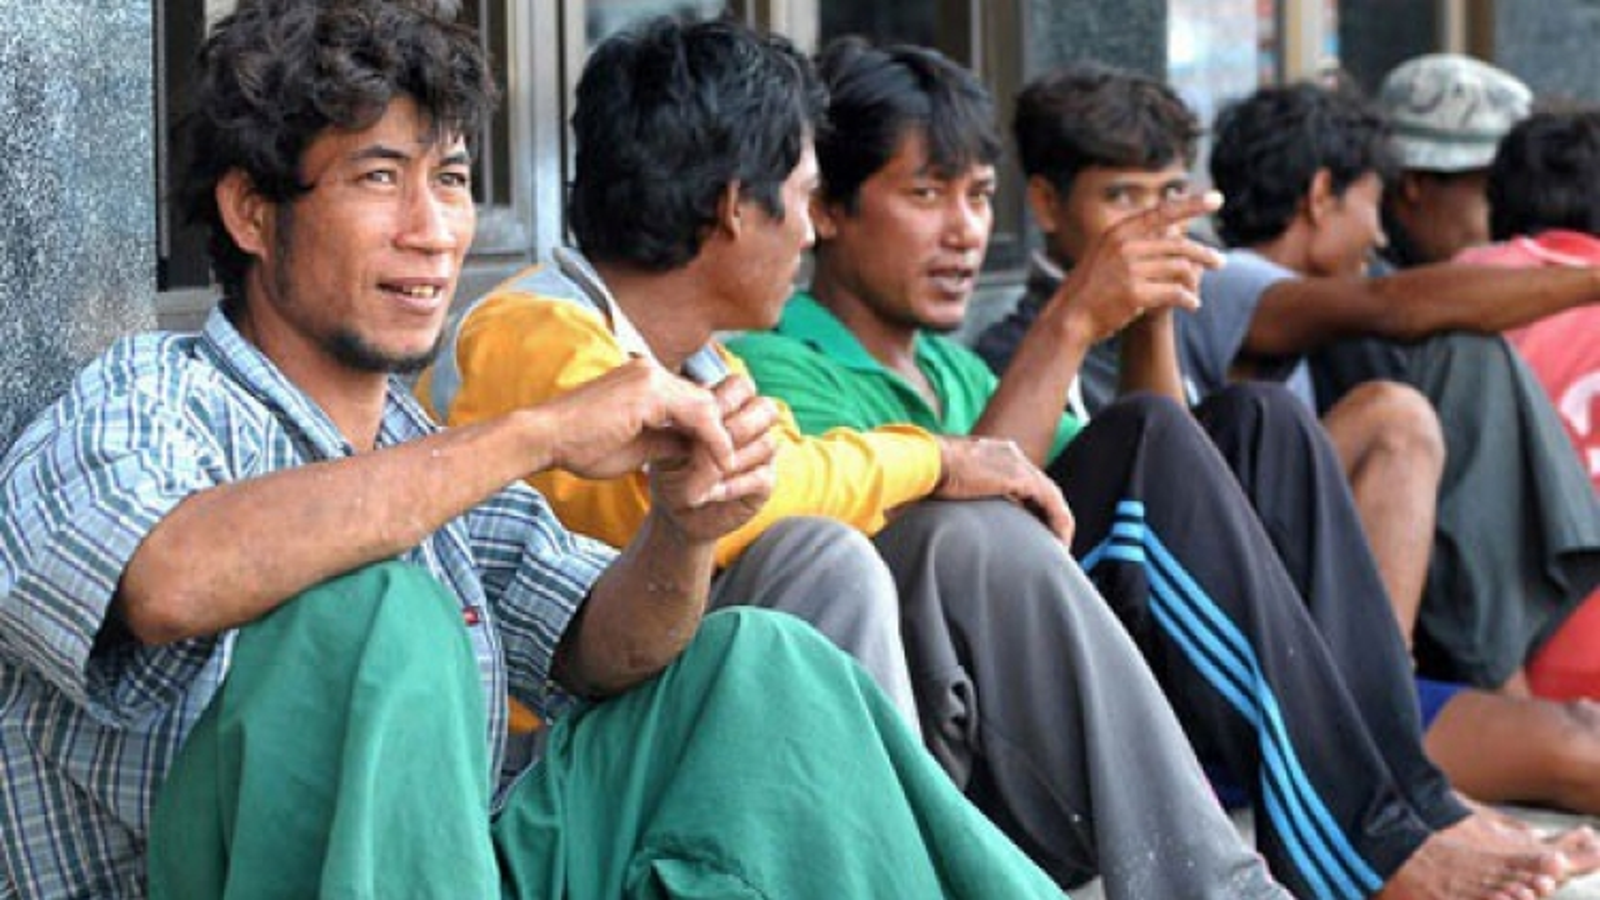 Lo Covid-19, Thái Lan sẽ ngừng nhận lao động nước ngoài vô thời hạn